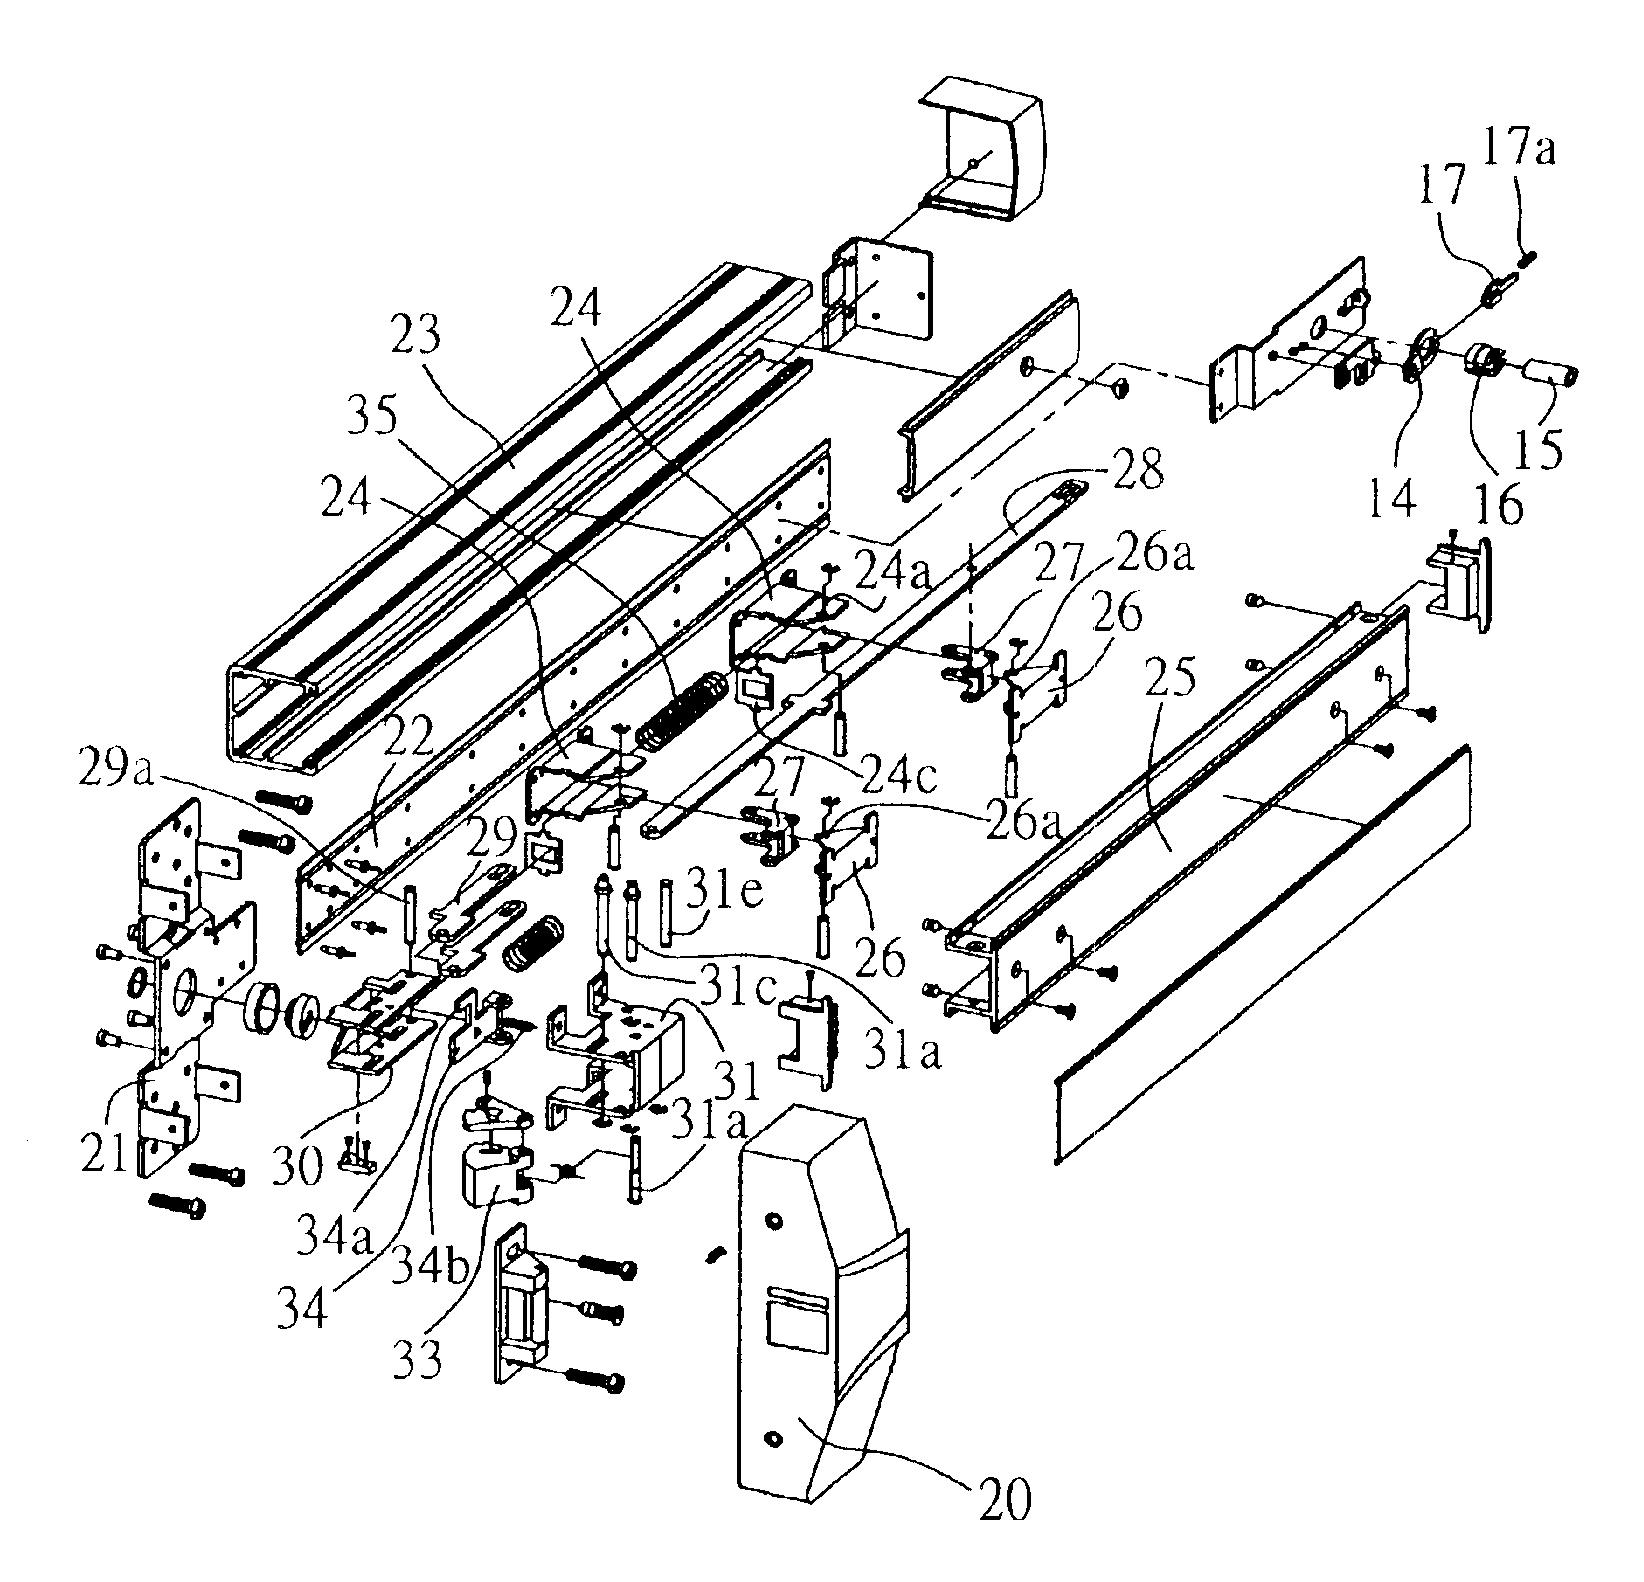 Patent Us6854773 - Fire Door Lock Mechanism